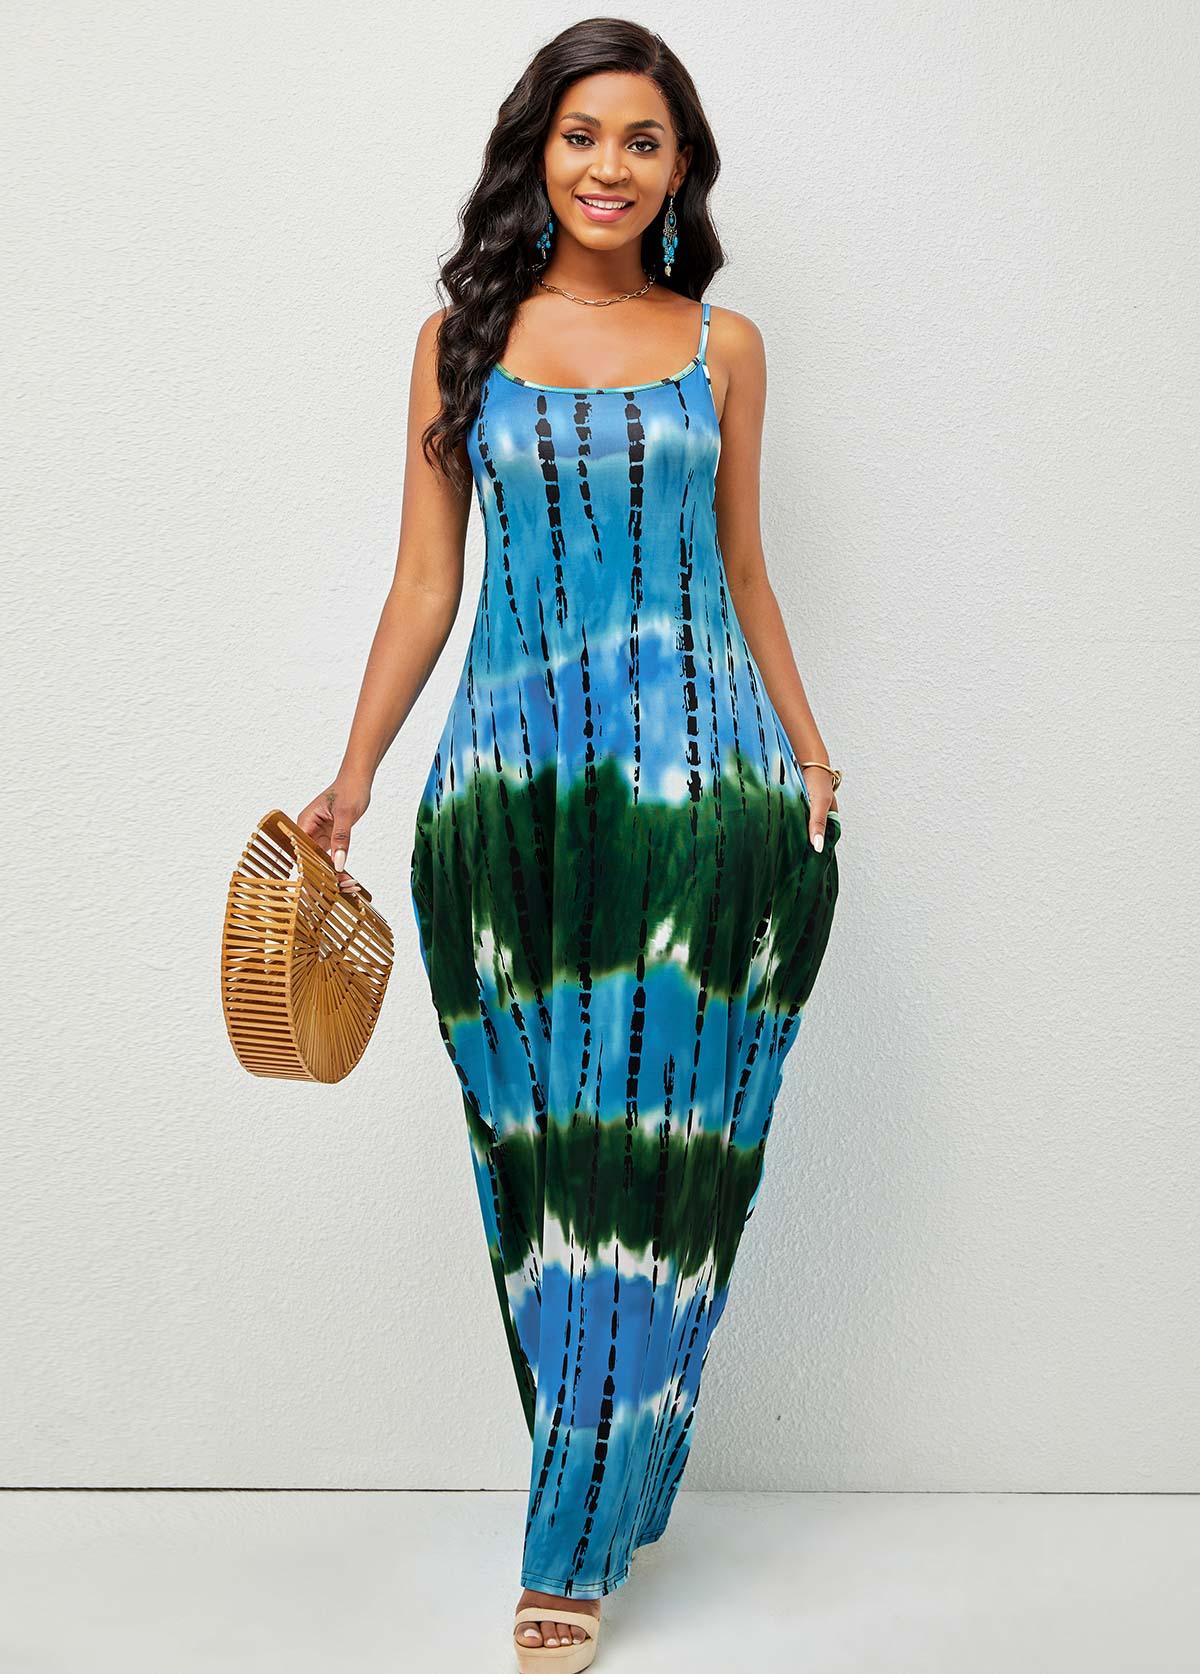 Pocket Tie Dye Print Spaghetti Strap Dress